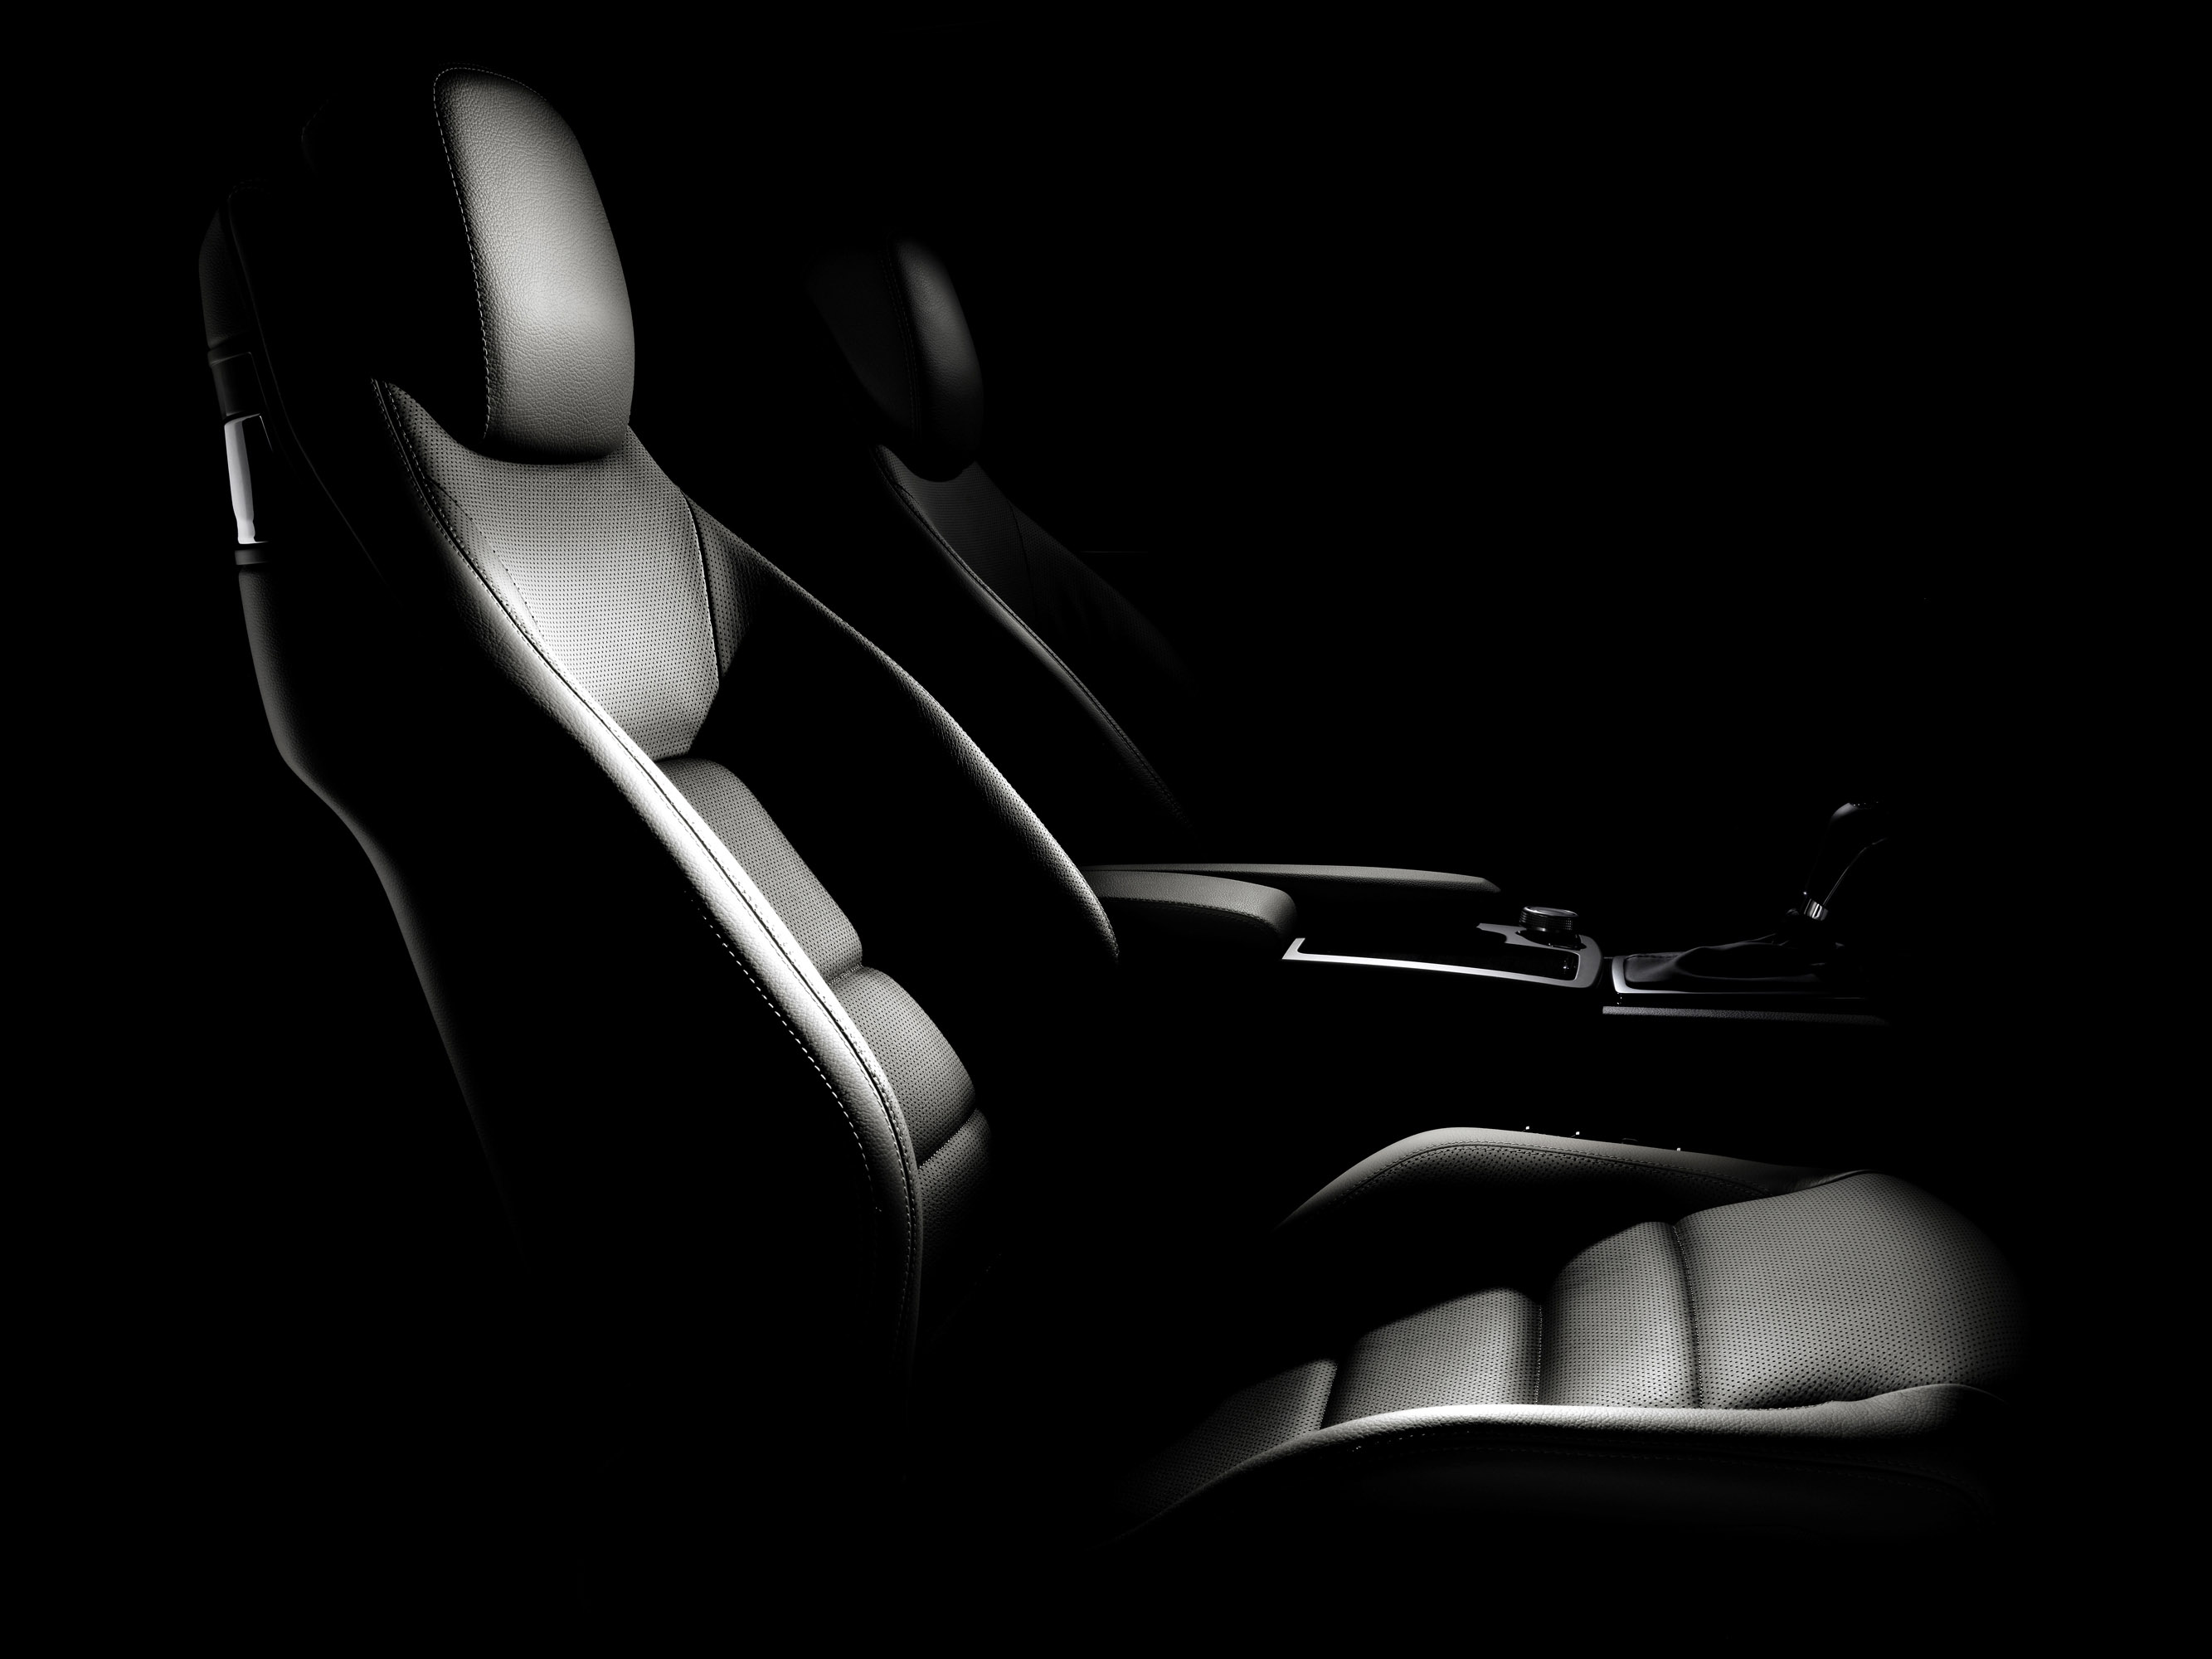 Mercedes-Benz E-350 CDI Coupe [фотографии автомобиля] - фотография №14